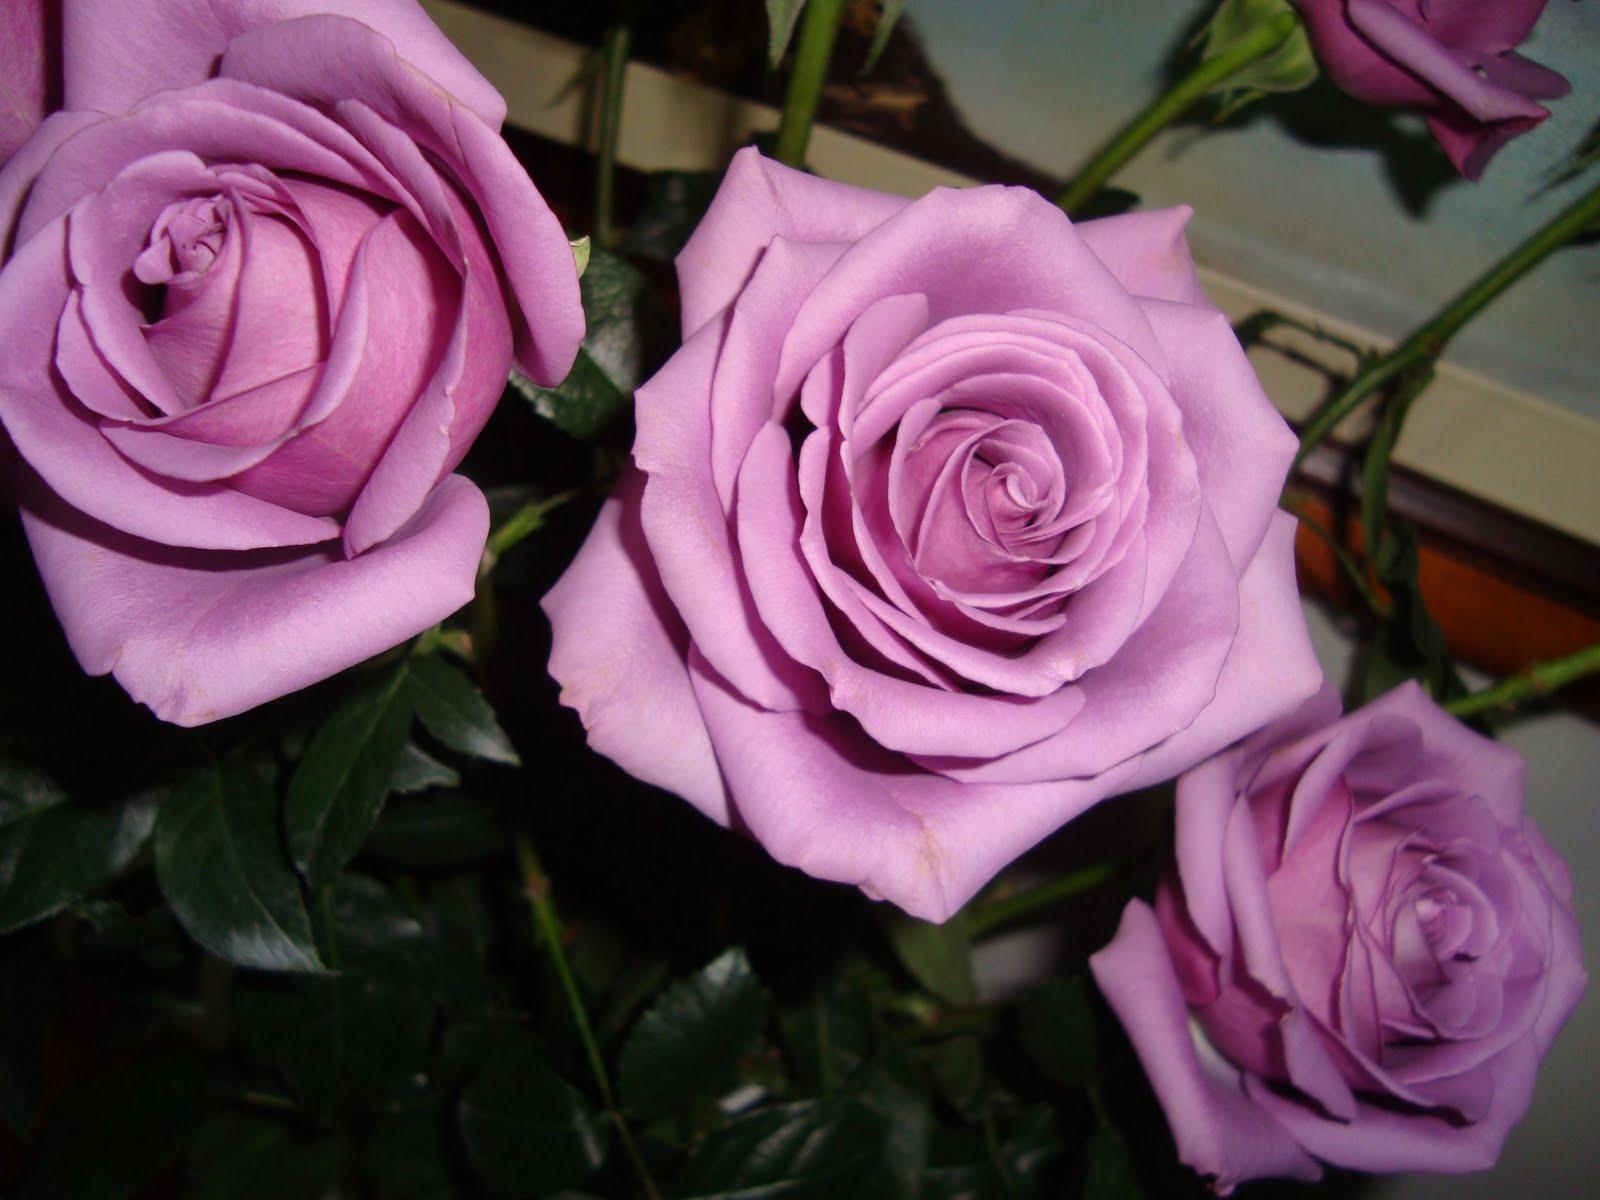 Resultado de imagem para 3 rosas uma amarela outra lilas outra cor coral